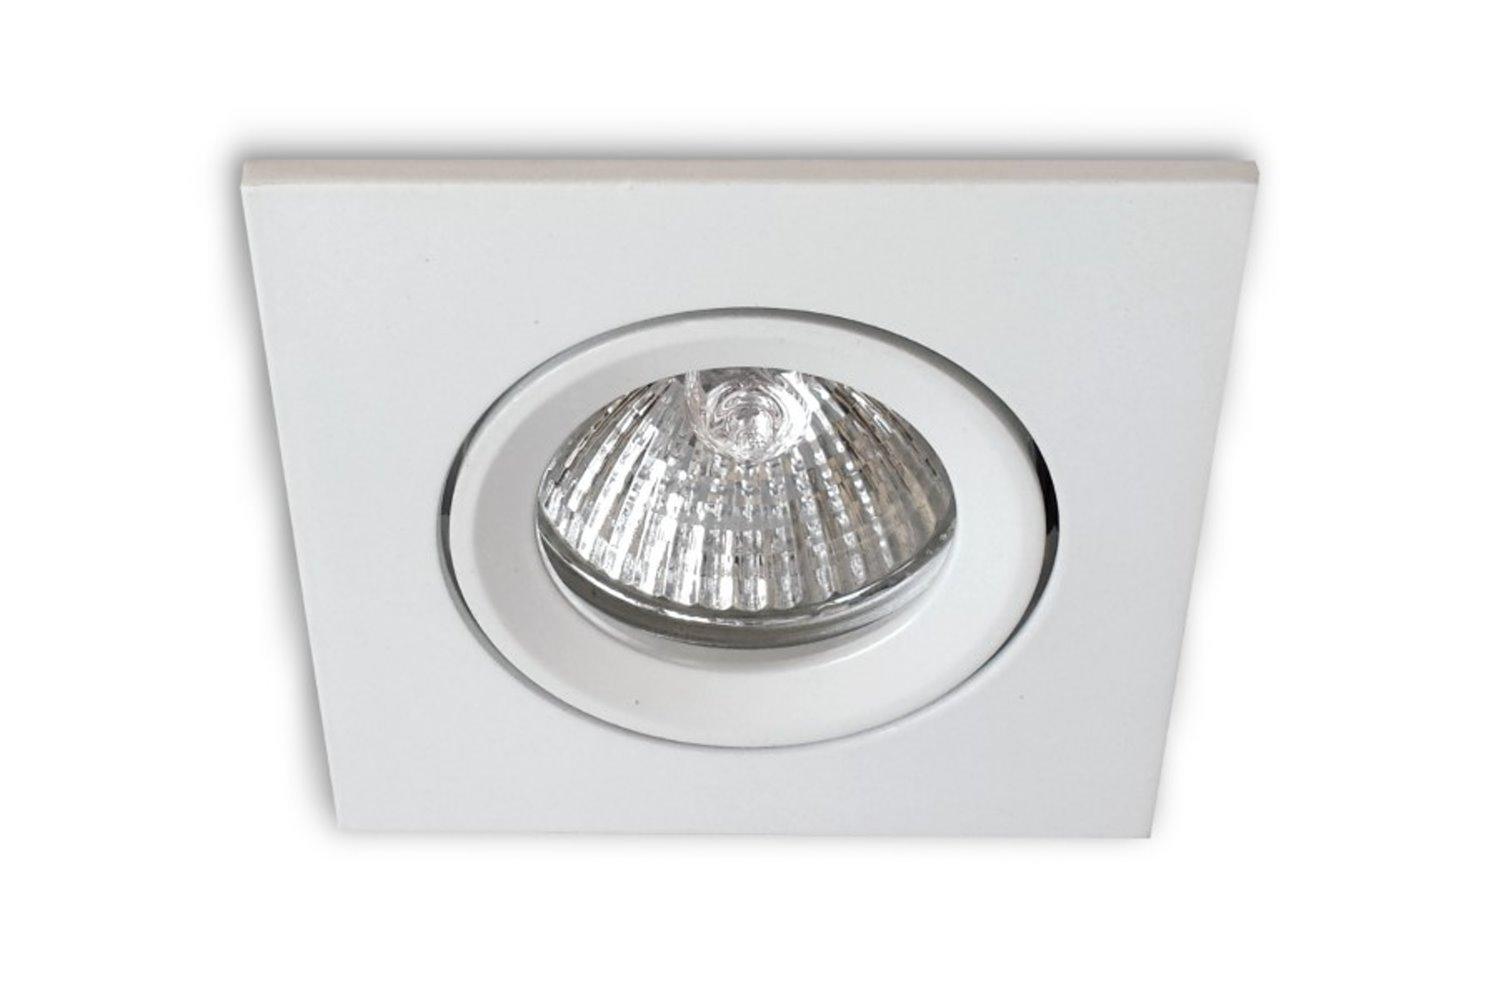 12v mr16 einbaustrahler 906 f r led halogen leuchtmittel lampen spots schwenkbar ebay. Black Bedroom Furniture Sets. Home Design Ideas